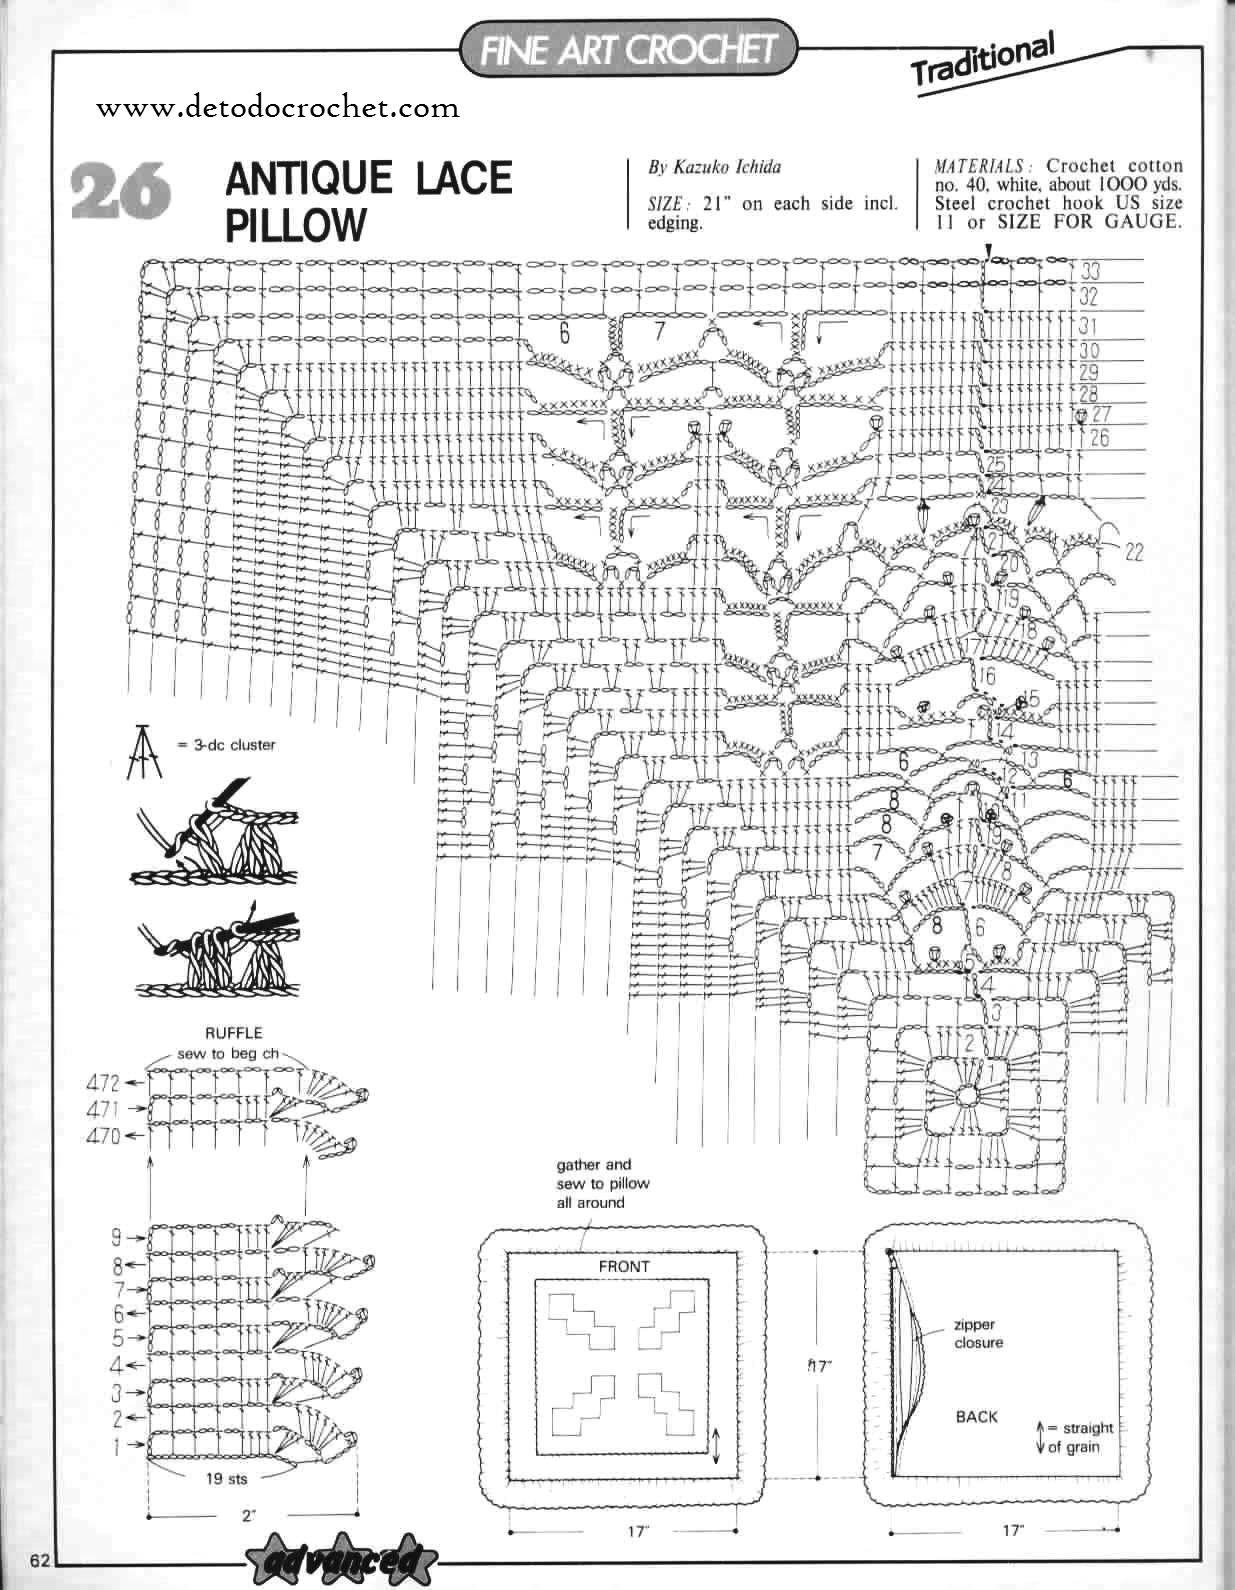 Todo crochet | Dos agujas, Patrones de crochet y Crochet patrones